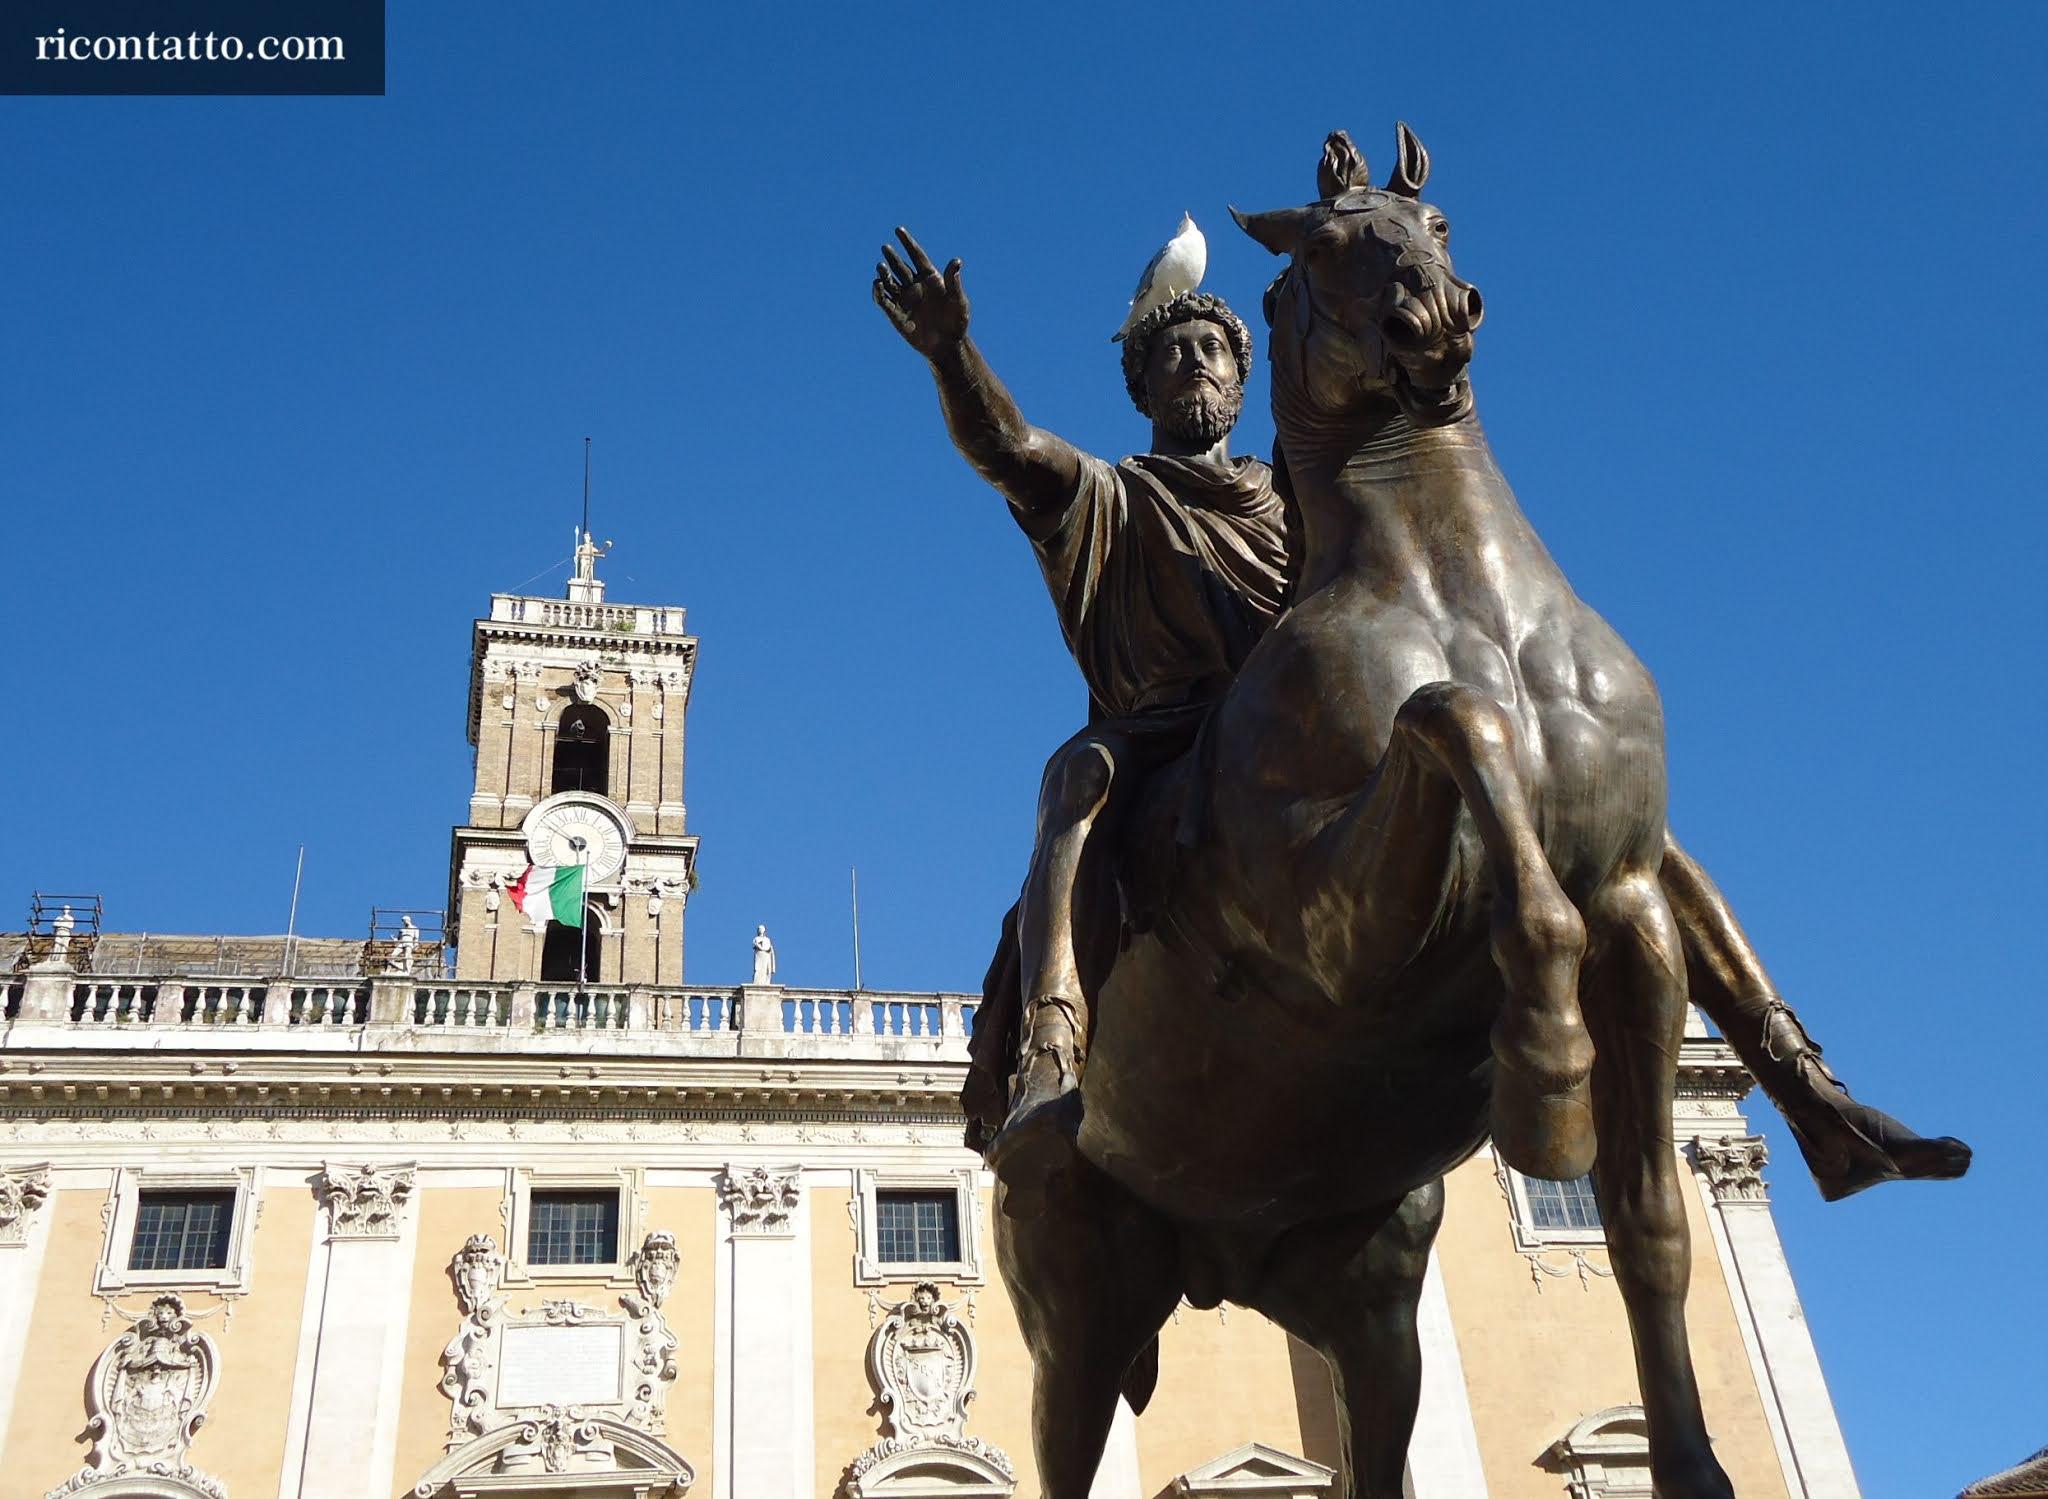 Roma, Lazio, Italy - Photo #19 by Ricontatto.com